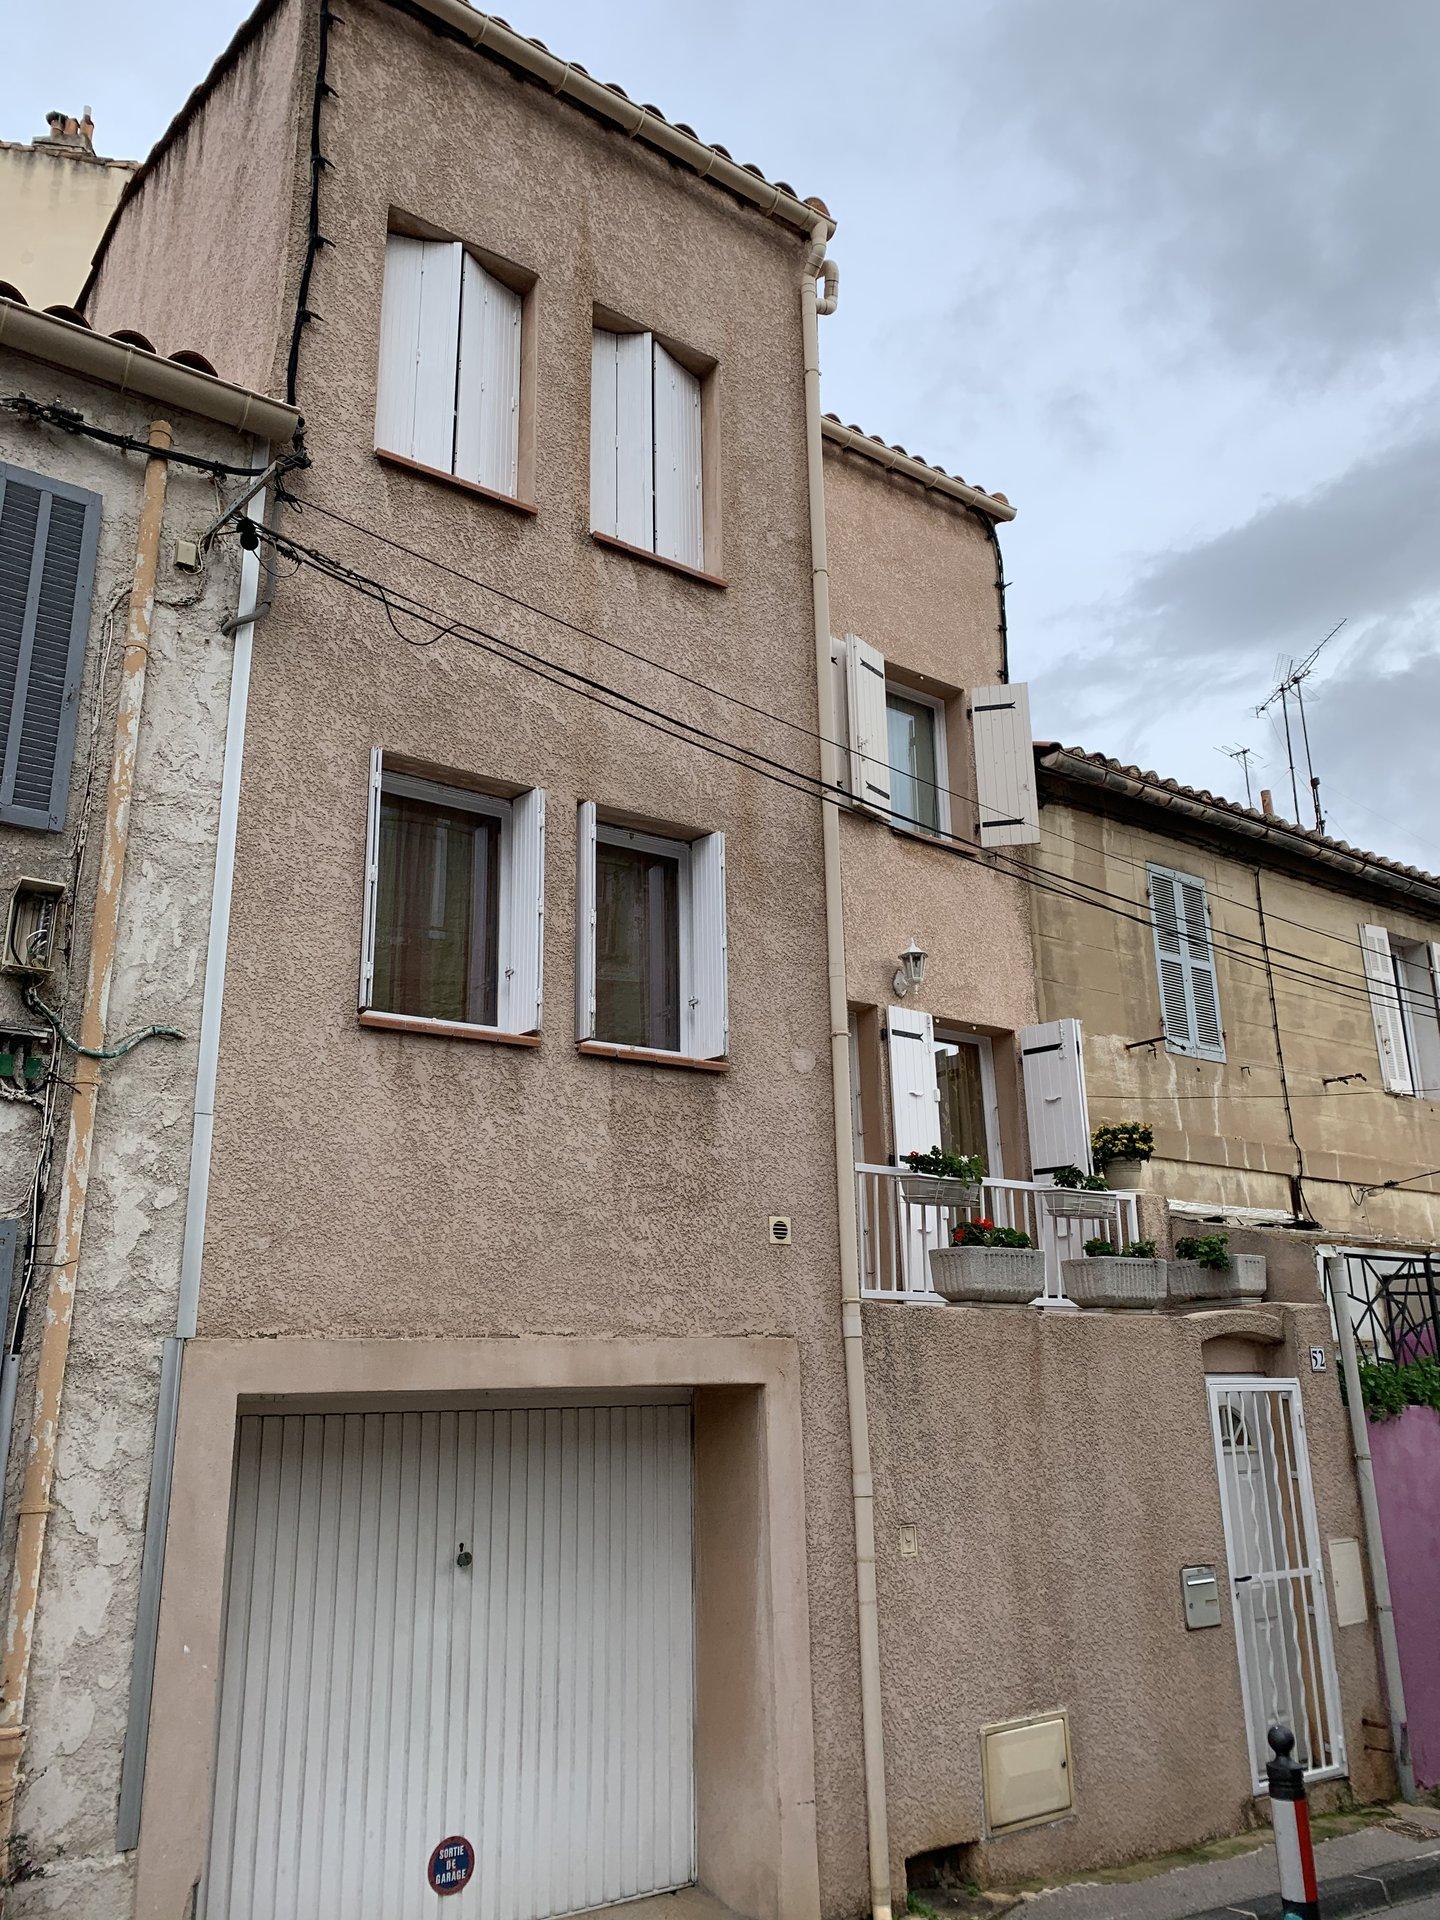 Maison de Ville Vauban Vallon Montebello